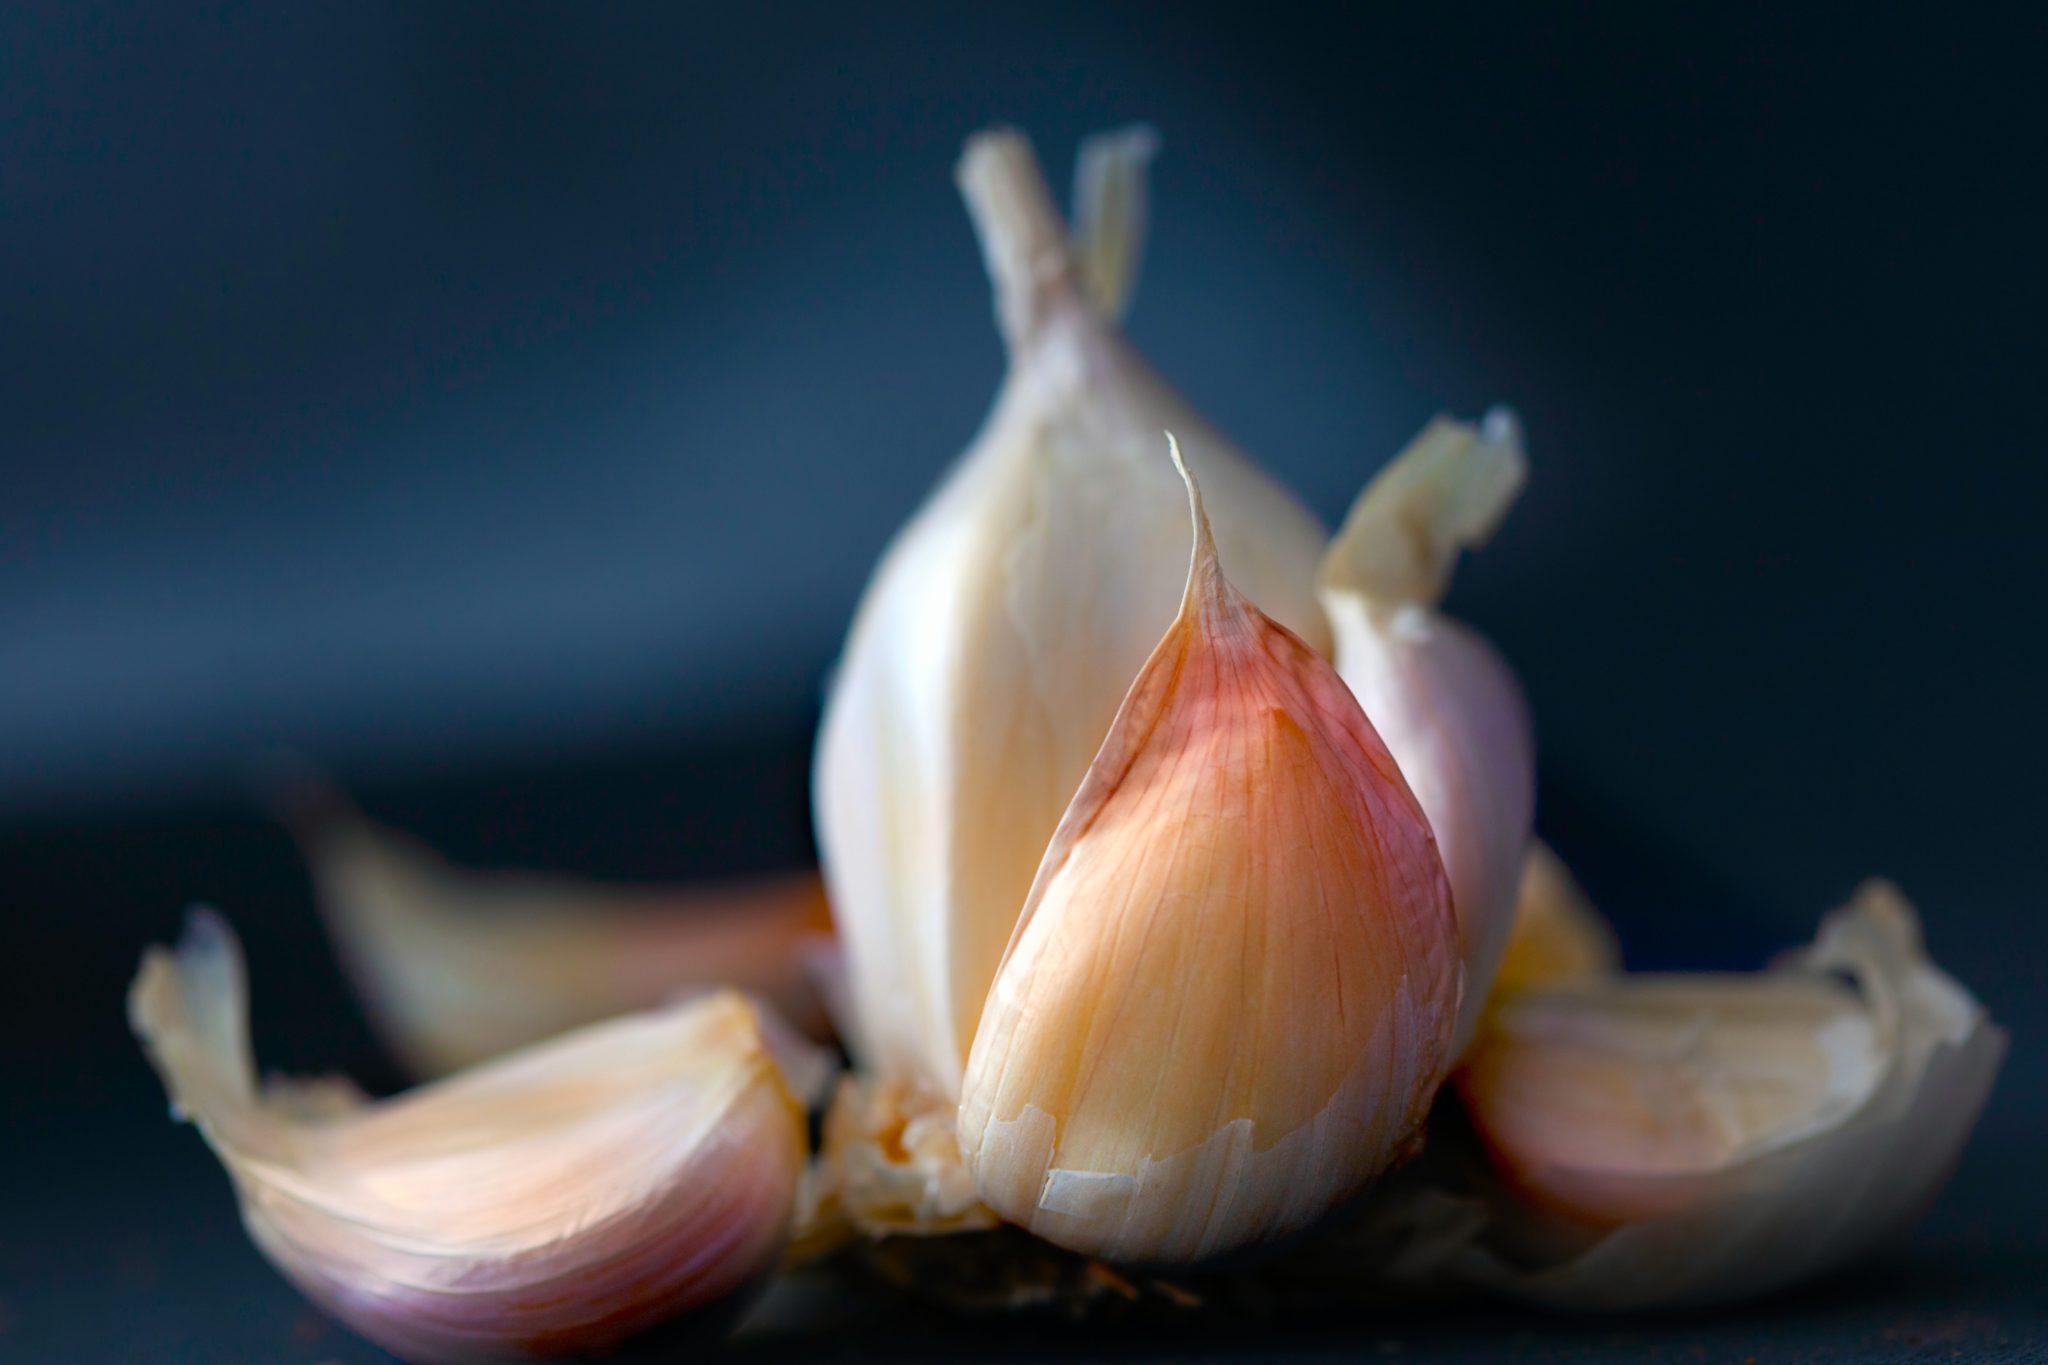 bulb of garlic broken into cloves on dark background